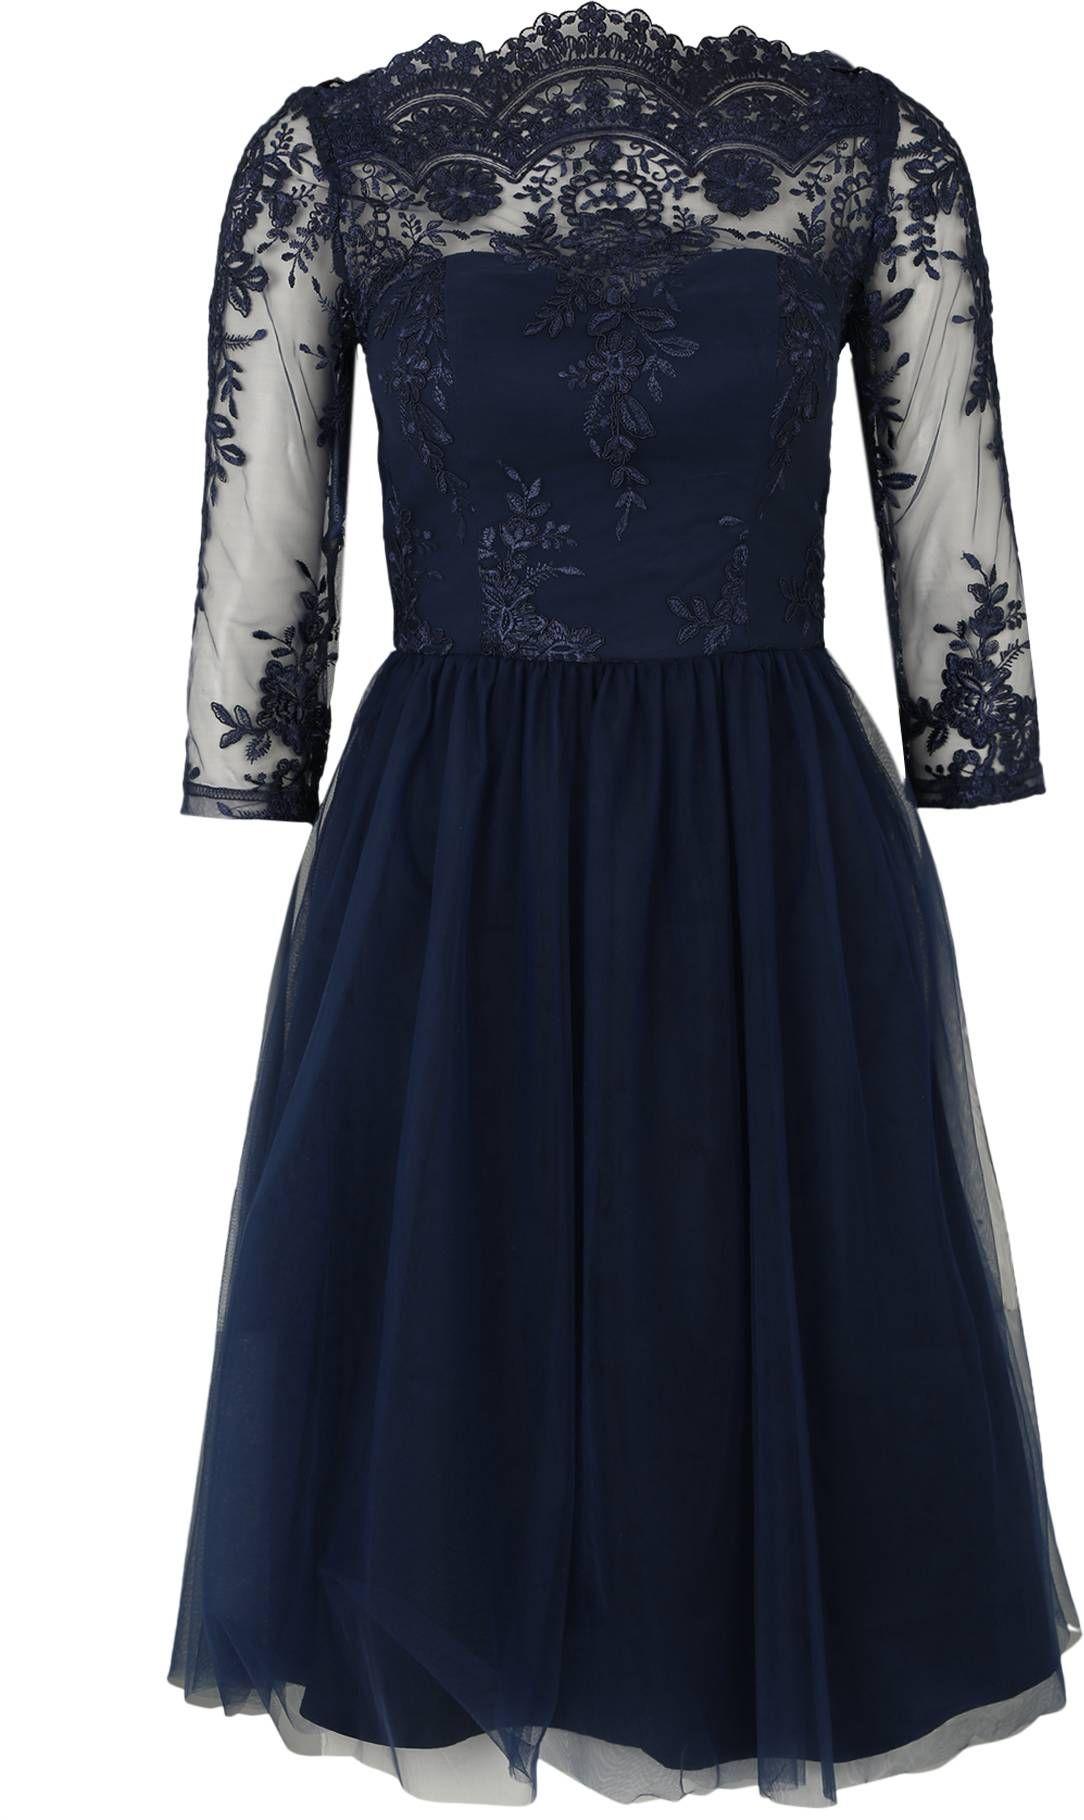 Blackberry noble dress | Black Style | Pinterest | Kleider lang ...